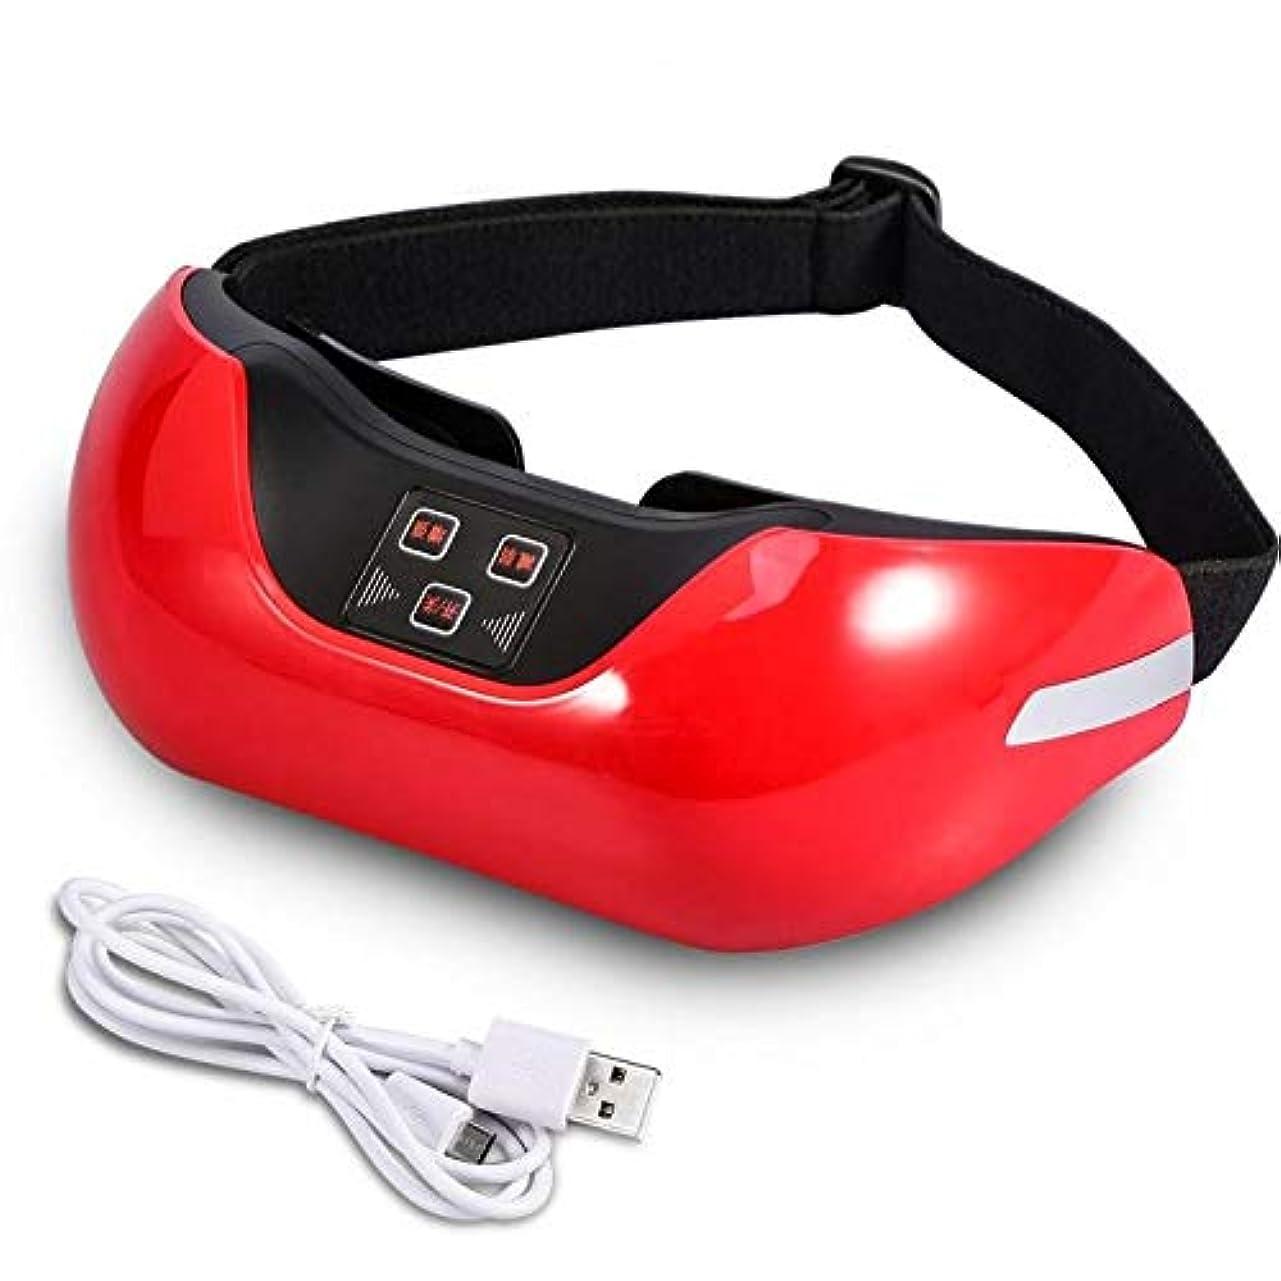 接ぎ木オンス誰がMeet now 緑色光アイマッサージャー付き3D充電式マッサージャー 品質保証 (Color : Red)